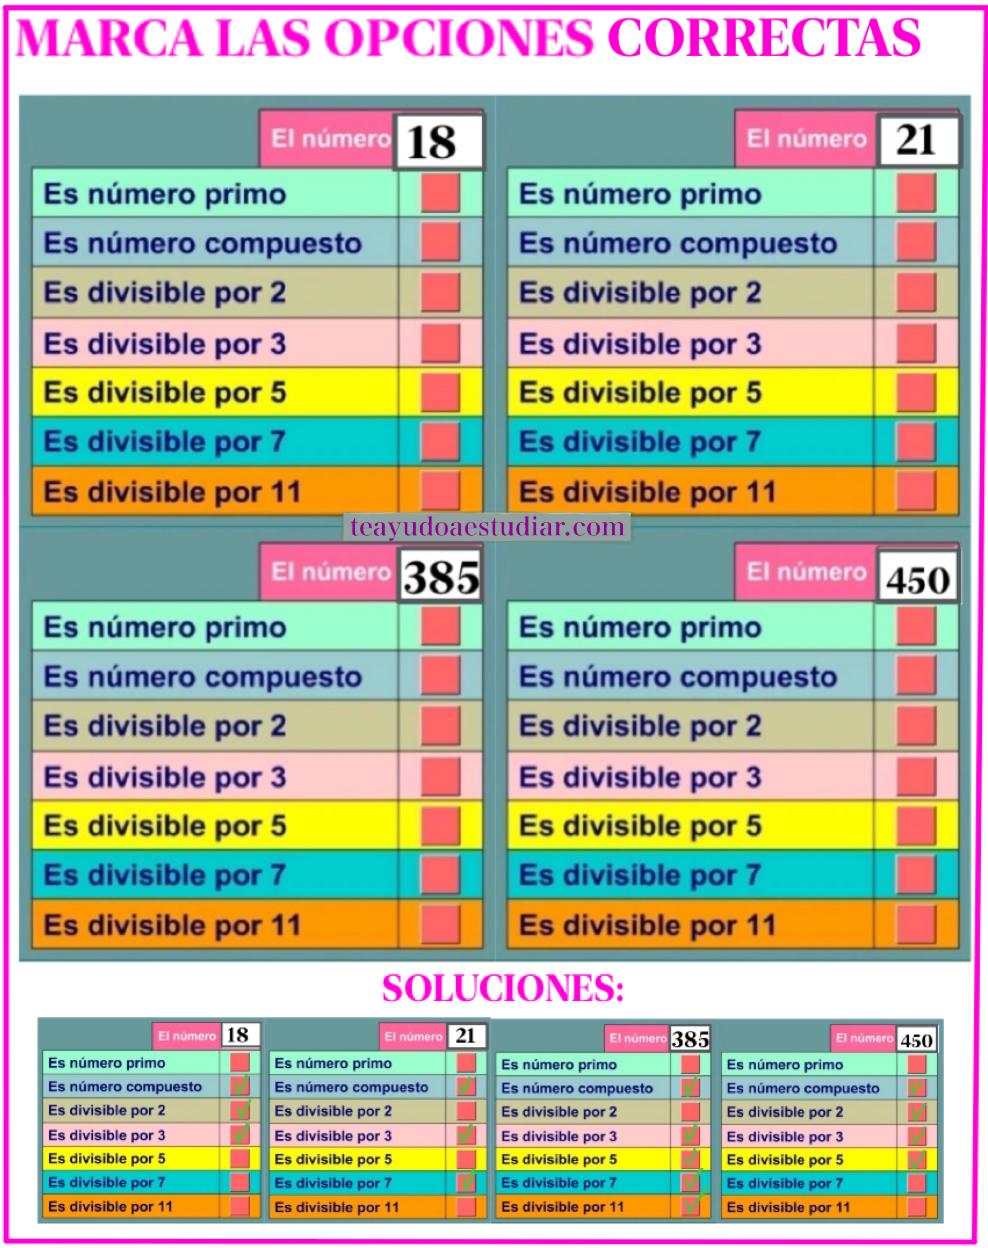 72F928C2-2C45-4845-9AA6-478C24150E49